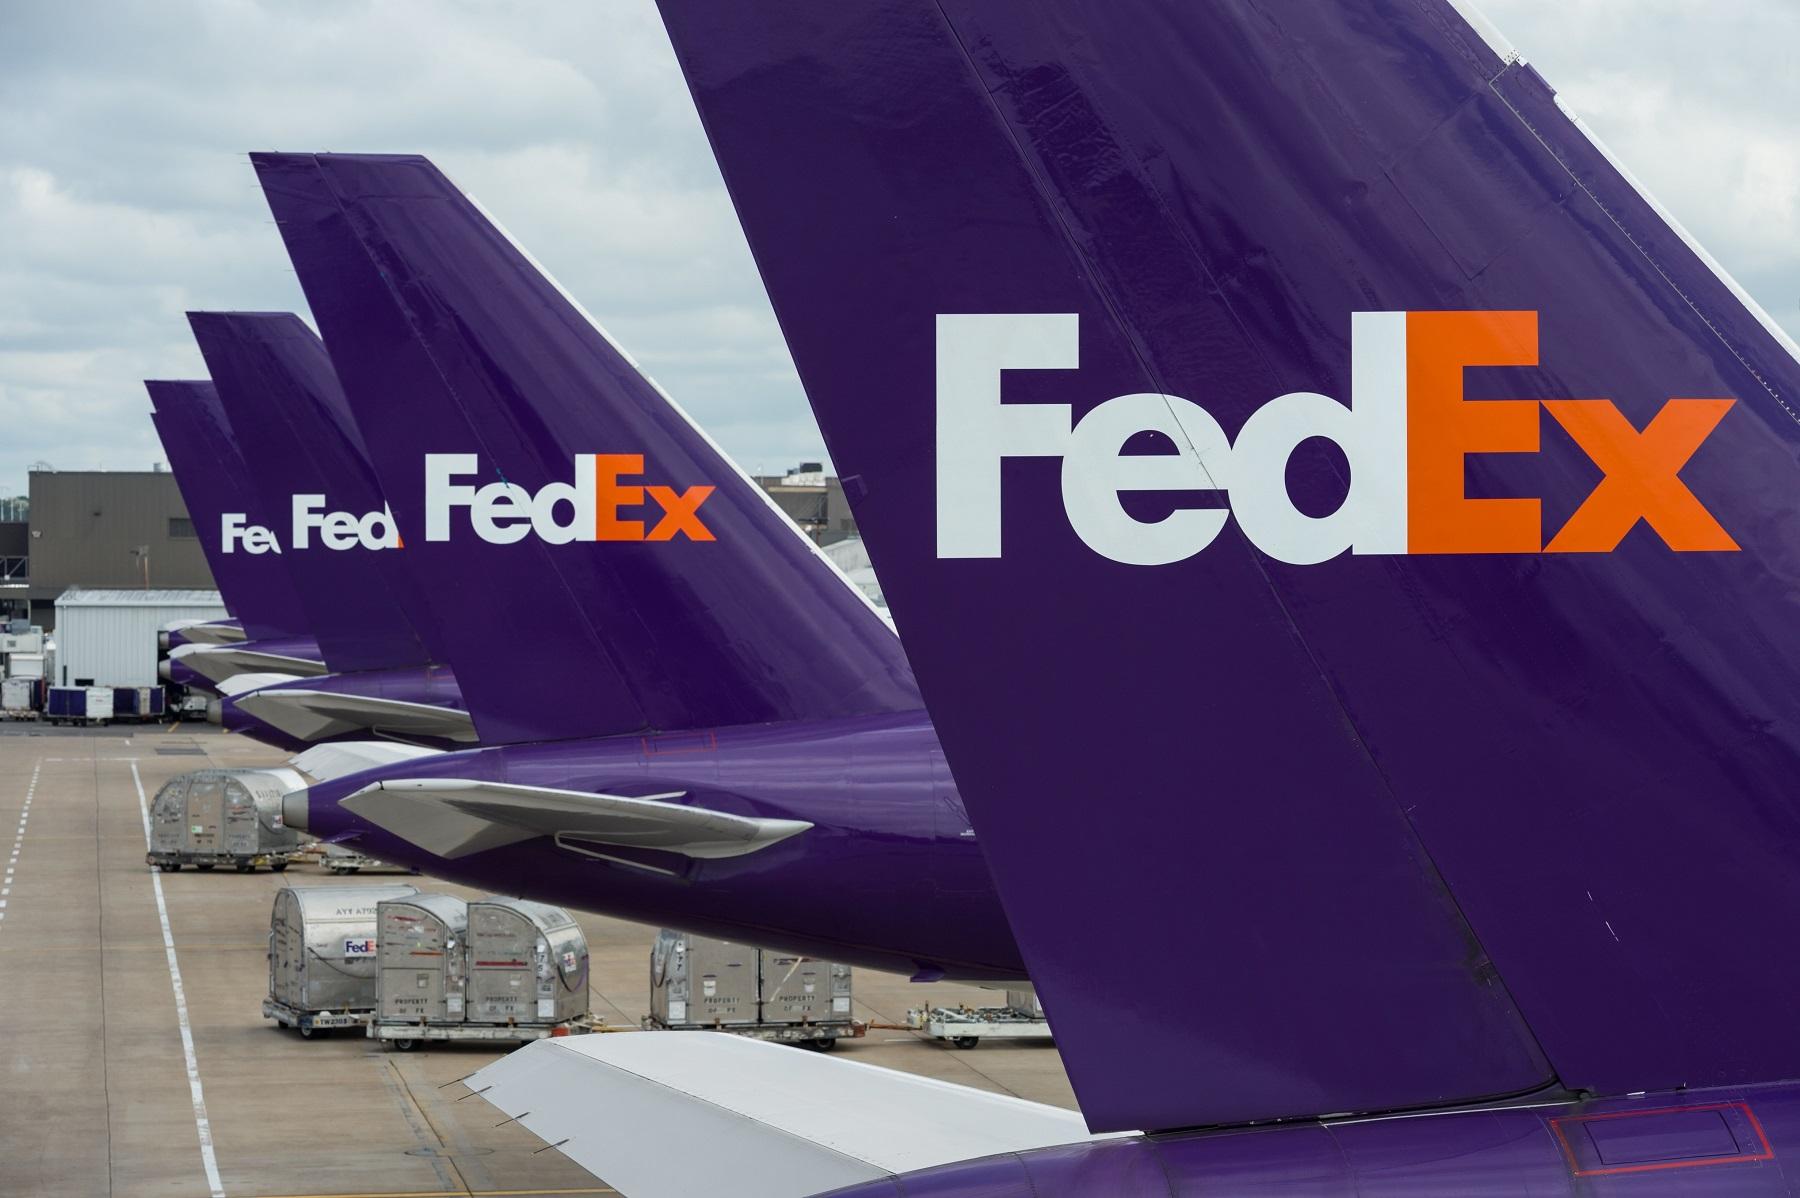 FedEx_Groesste_Fracht_Airline